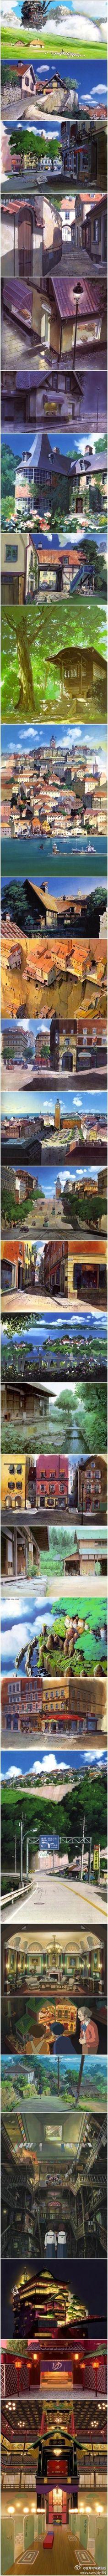 Studio Gibli I love these movies